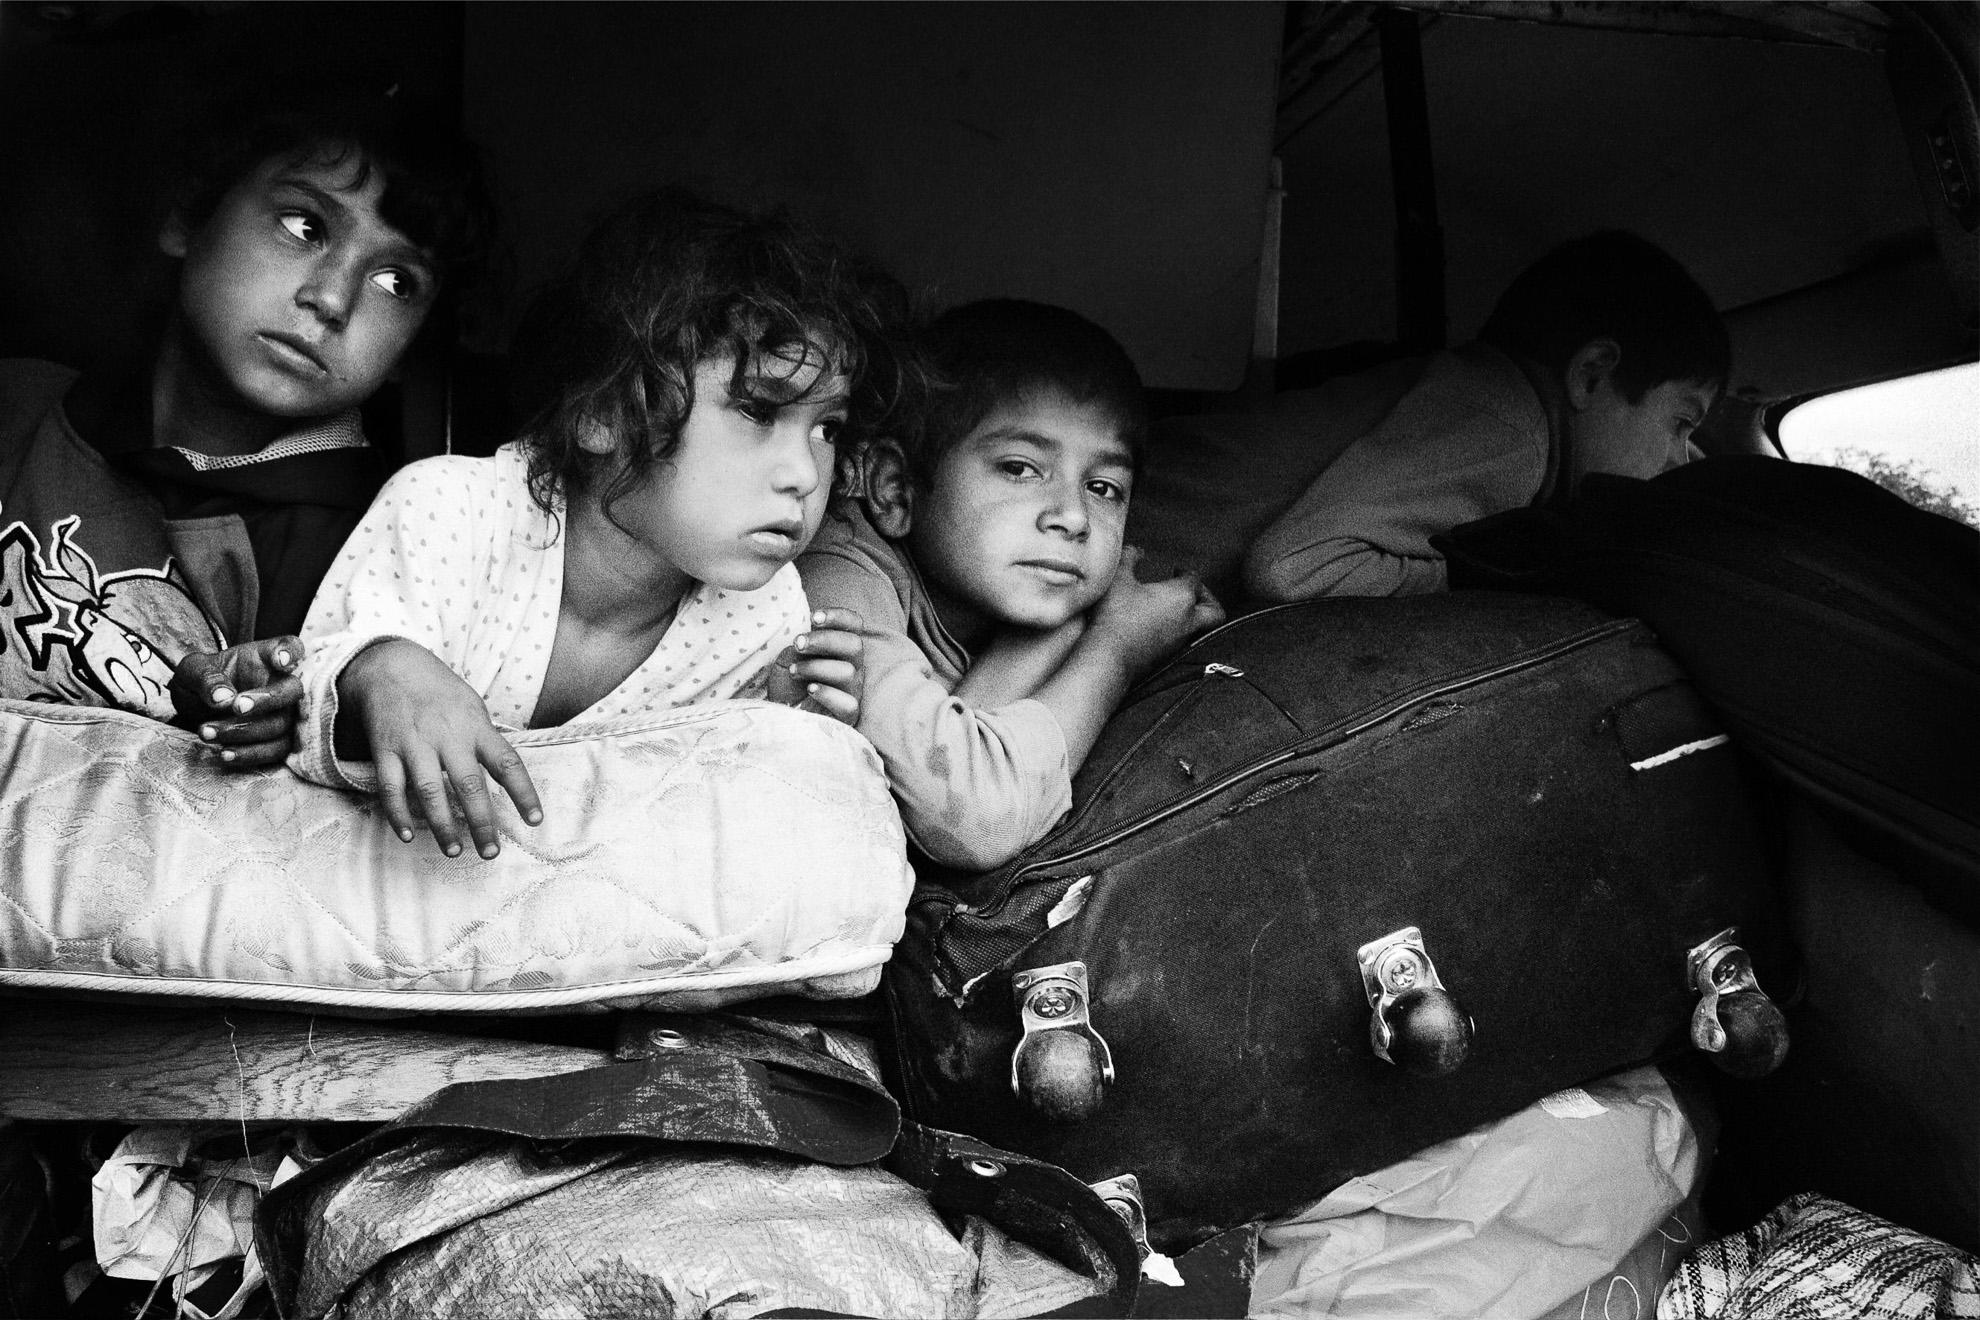 Ante la inminente llegada de la policía para desalojar el campamento, unas familias romaníes deciden marcharse voluntariamente. En la furgoneta viajarán durante dos días a Rumania, 4 adultos y 7 niños. A falta de espacio los niños viajarán encima de las maletas.